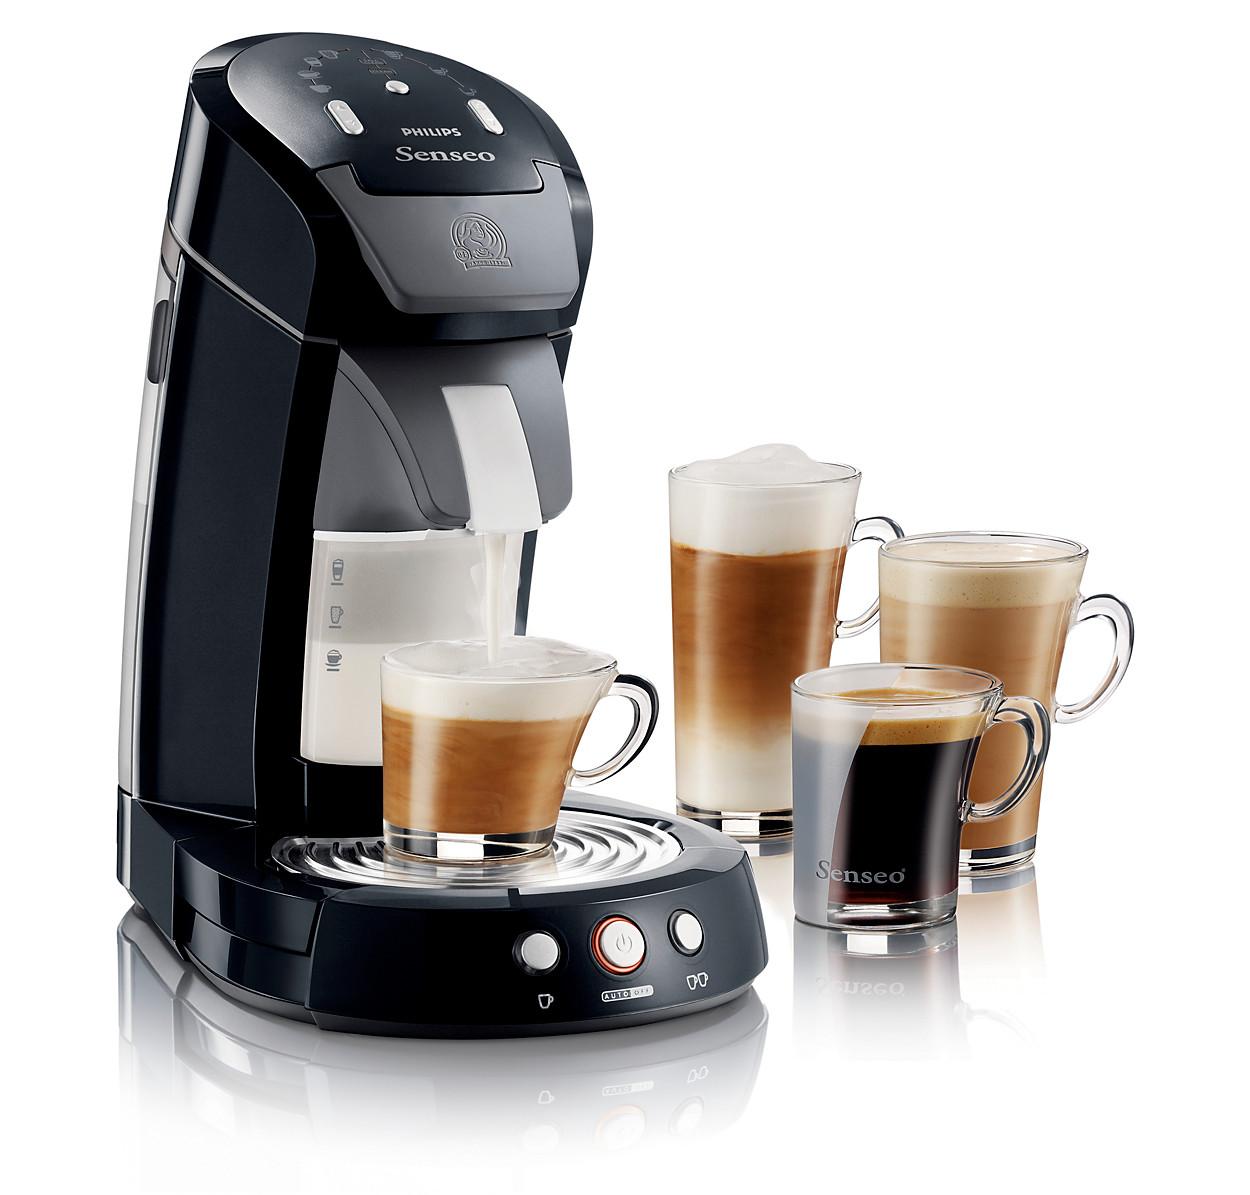 senseo padmaschine kaffee und espressomaschinen. Black Bedroom Furniture Sets. Home Design Ideas